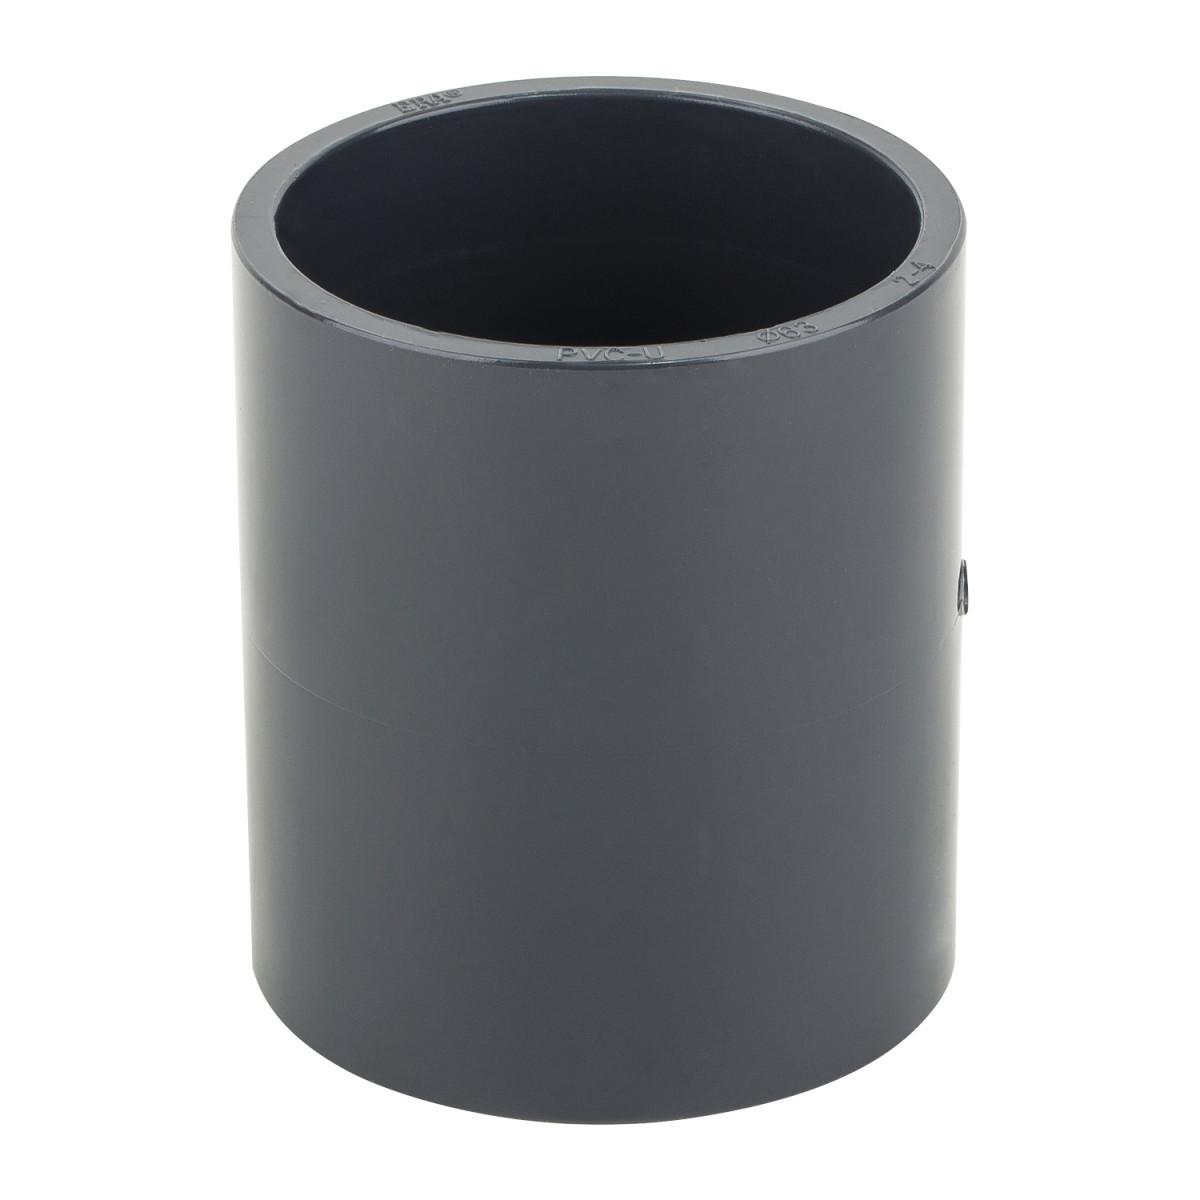 Муфта ПВХ ERA соеденительная диаметр 90 мм